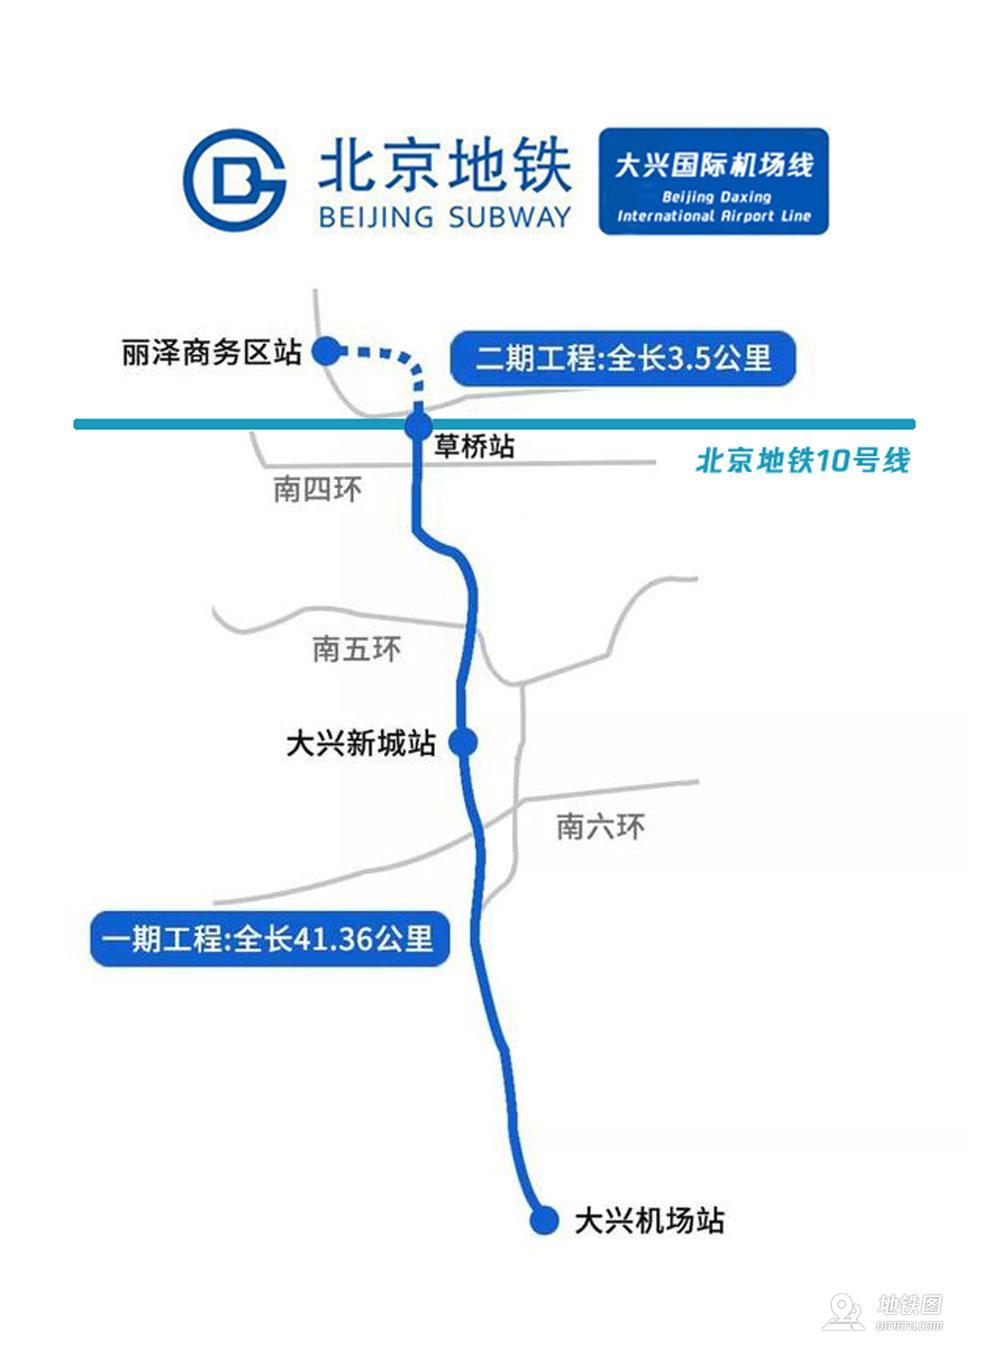 北京地铁大兴国际机场线线路图 运营时间票价站点 查询下载 北京地铁大兴机场线查询 北京地铁大兴机场线运营时间 北京地铁大兴机场线线路图 北京地铁大兴机场线 北京地铁大兴国际机场线 北京地铁线路图  第2张